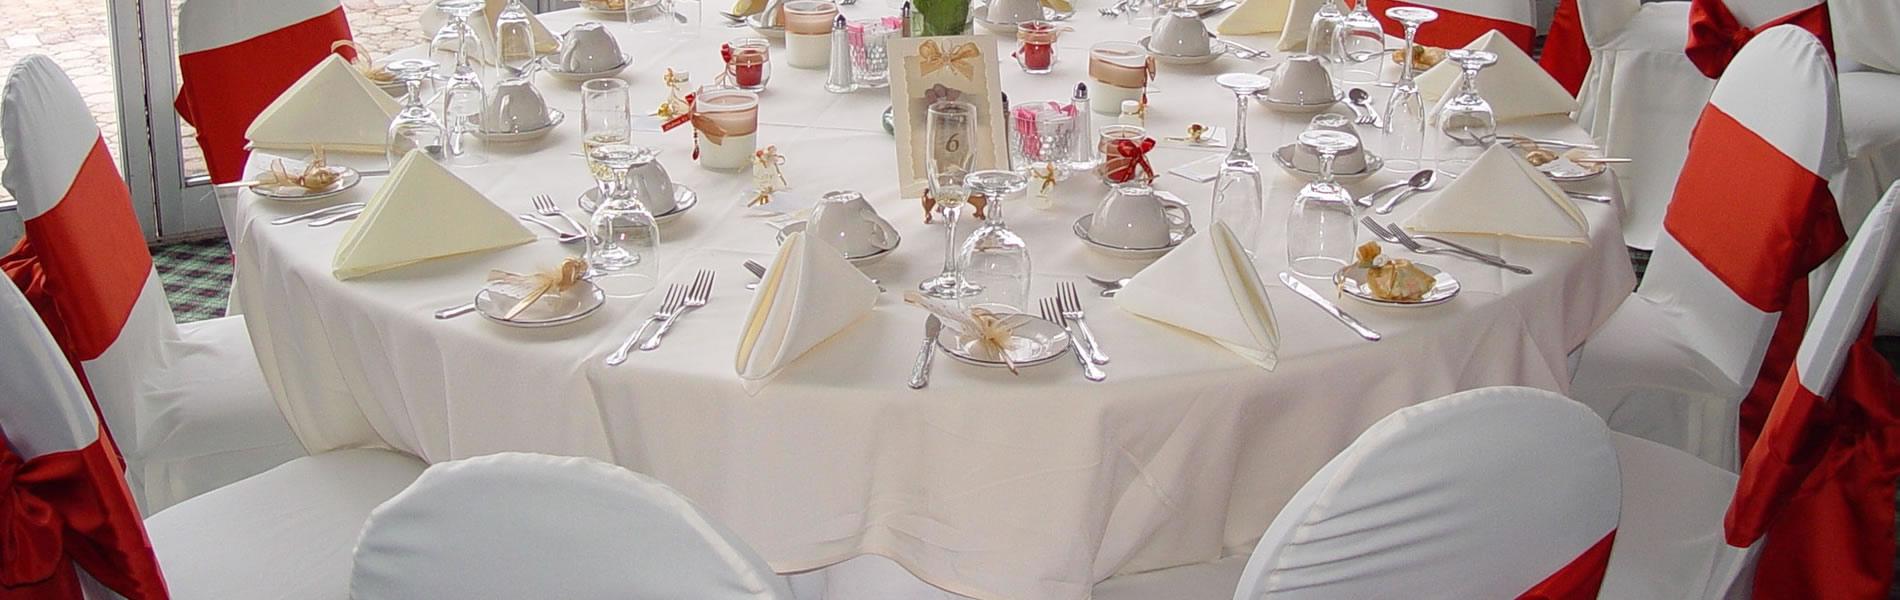 decoracion de mesas merida